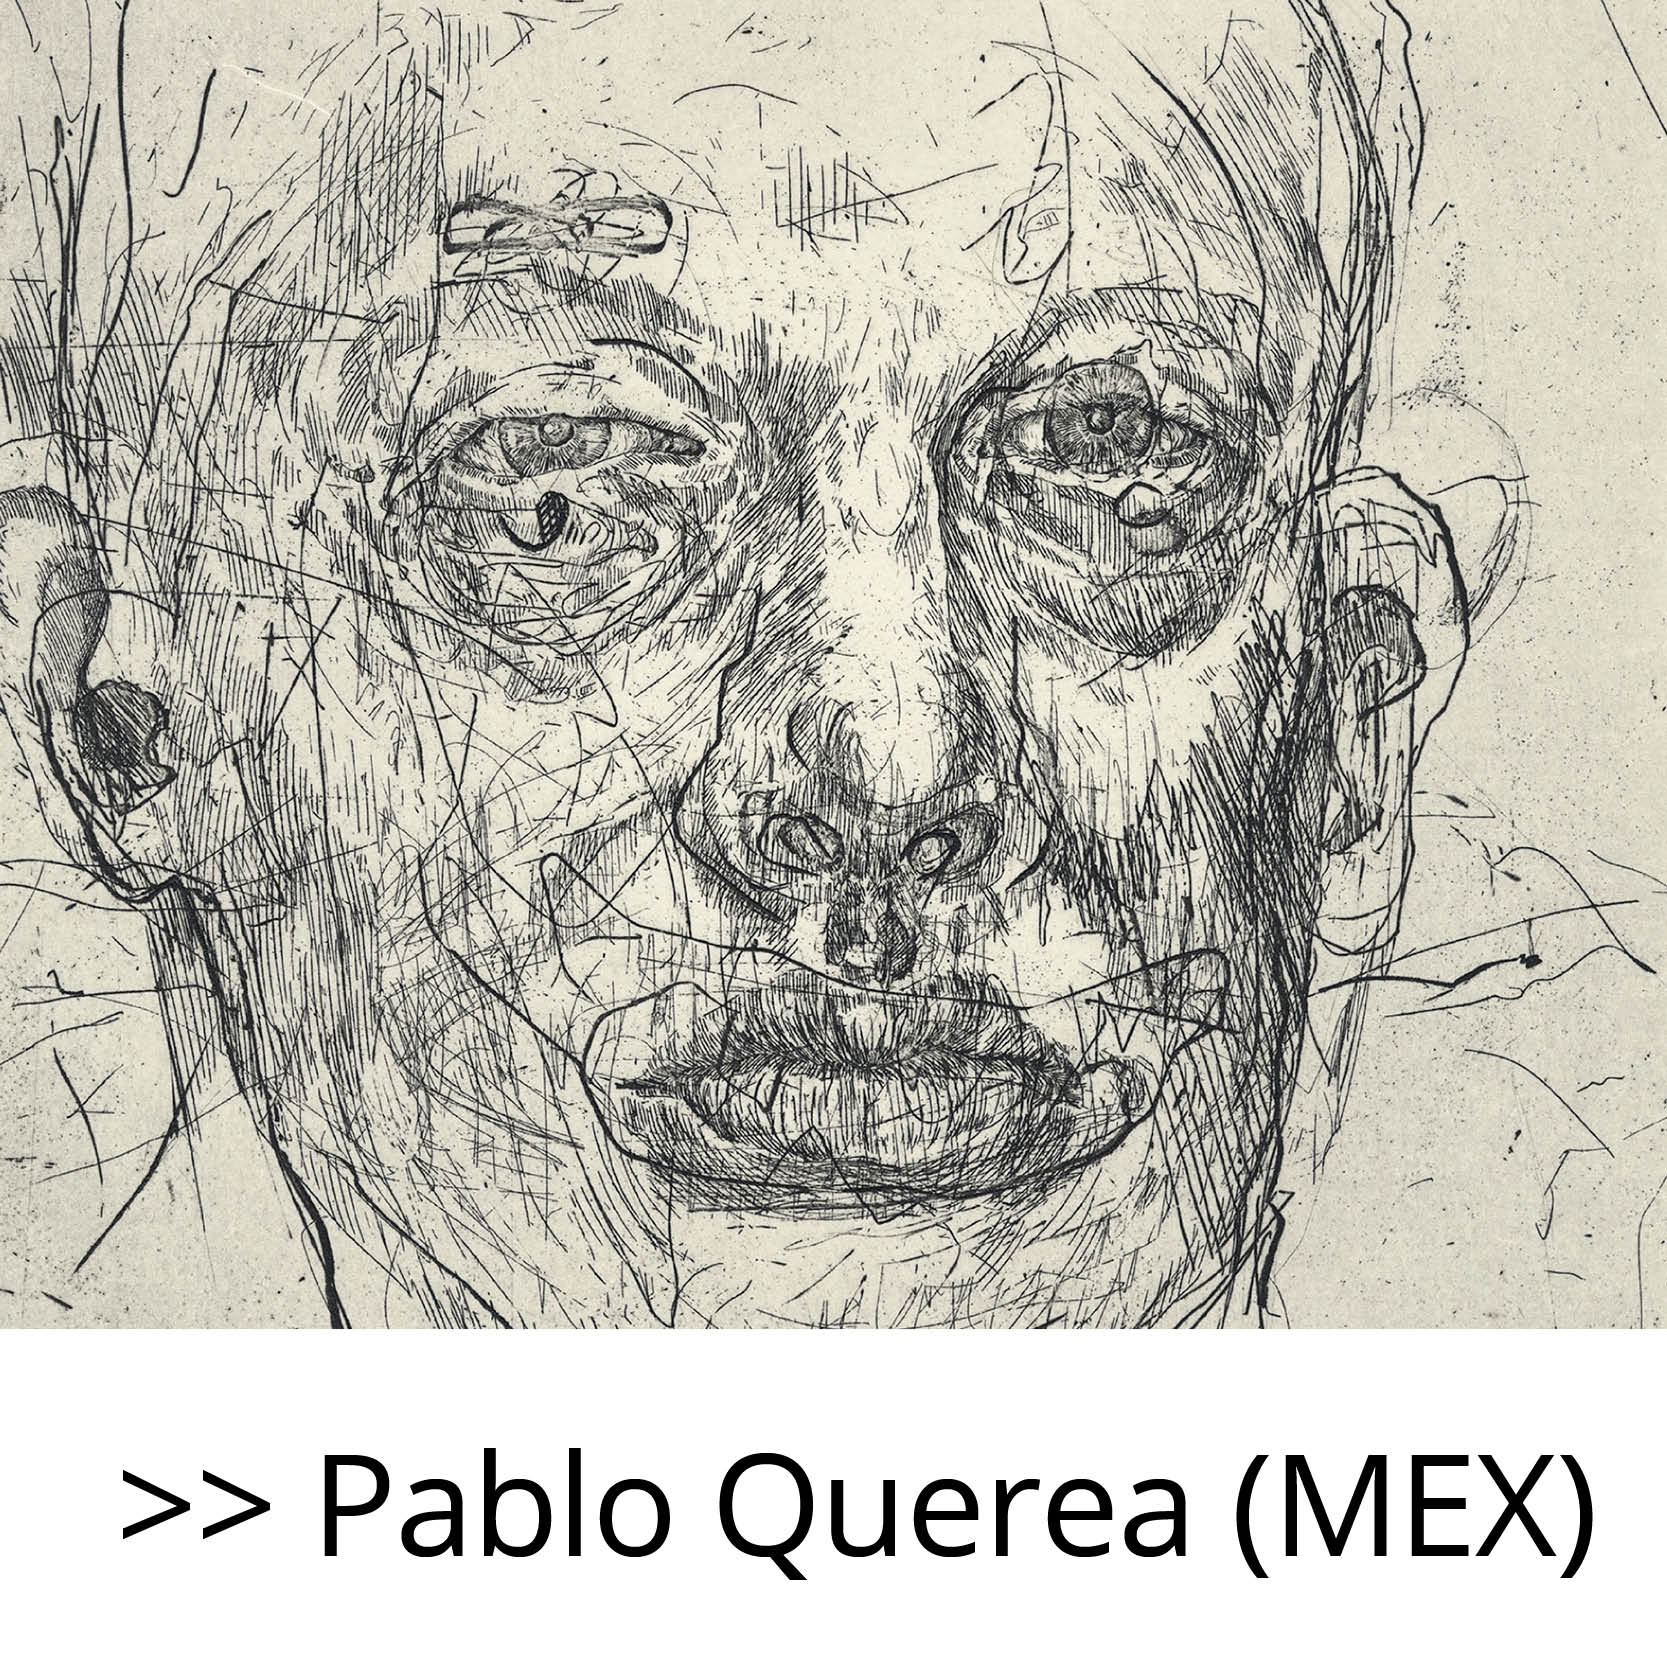 Pablo_Querea_(MEX)